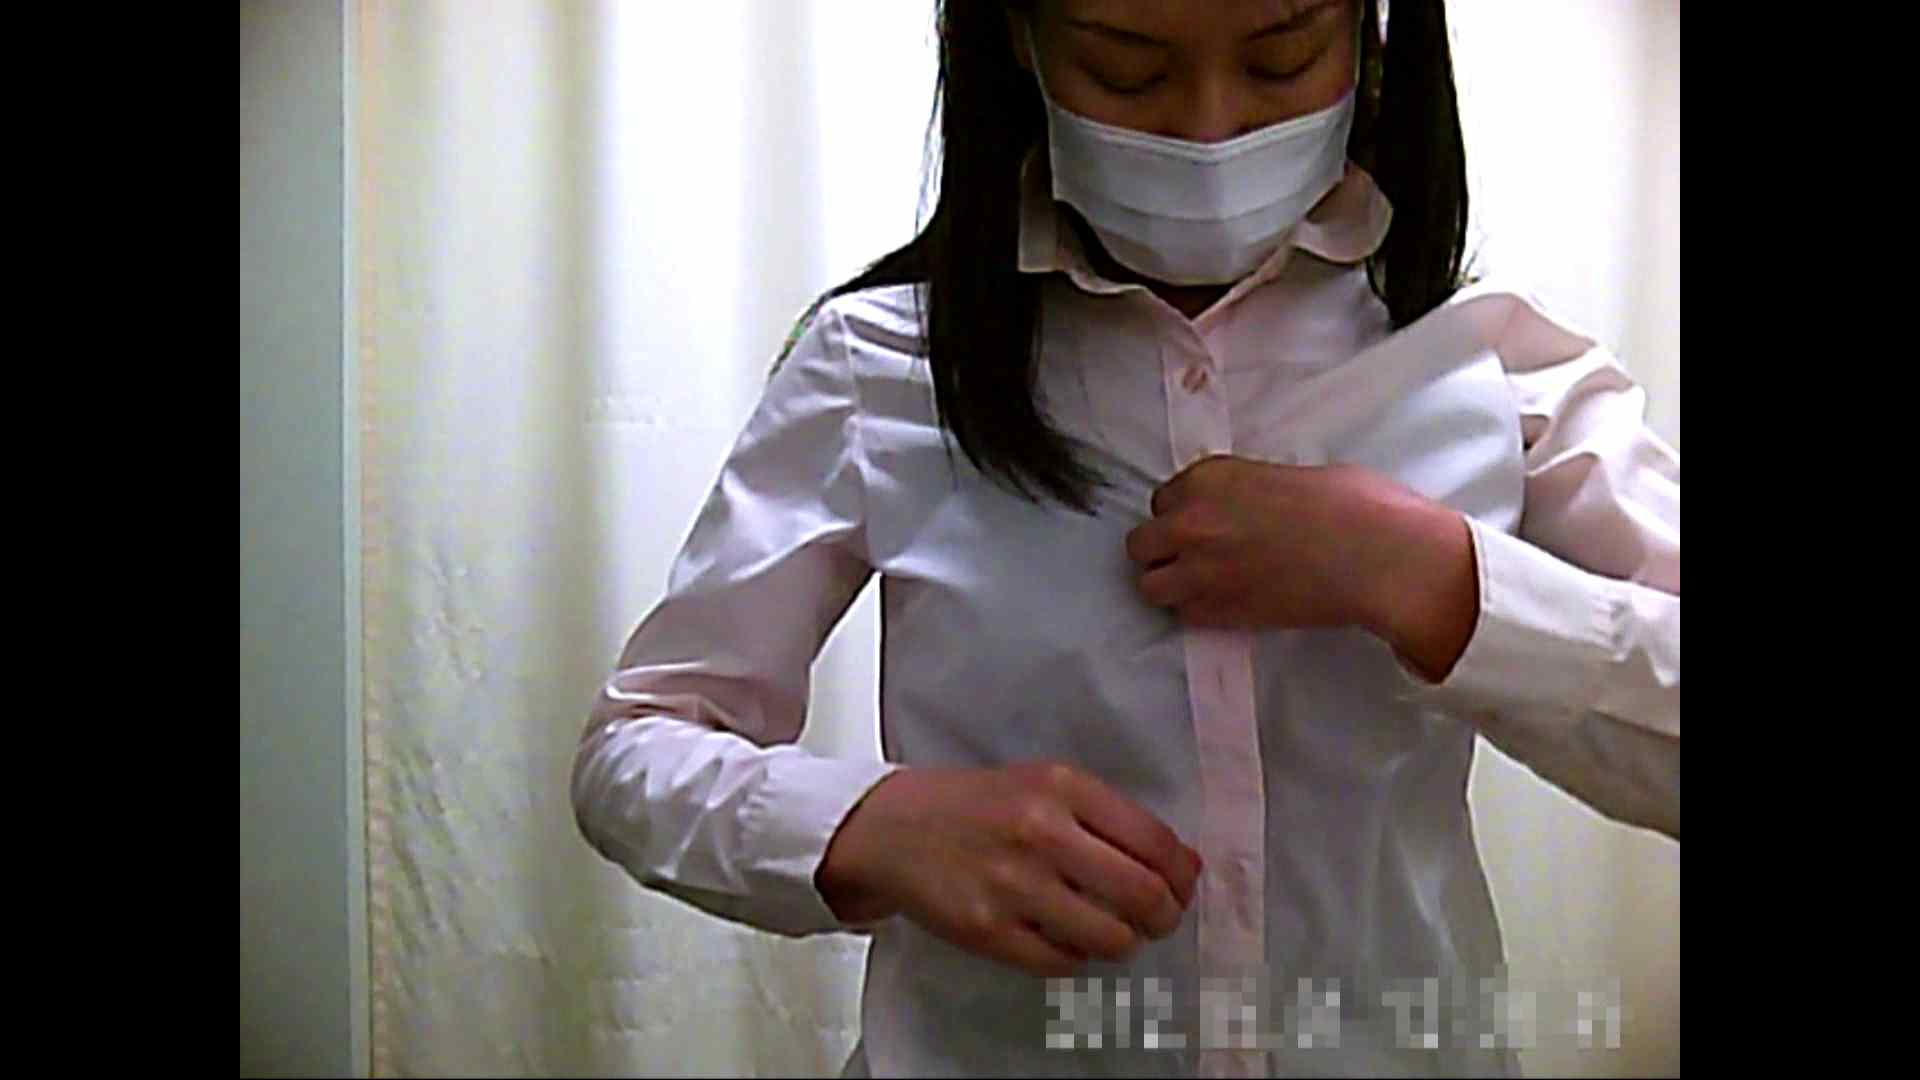 元医者による反抗 更衣室地獄絵巻 vol.004 お姉さん攻略  111画像 108